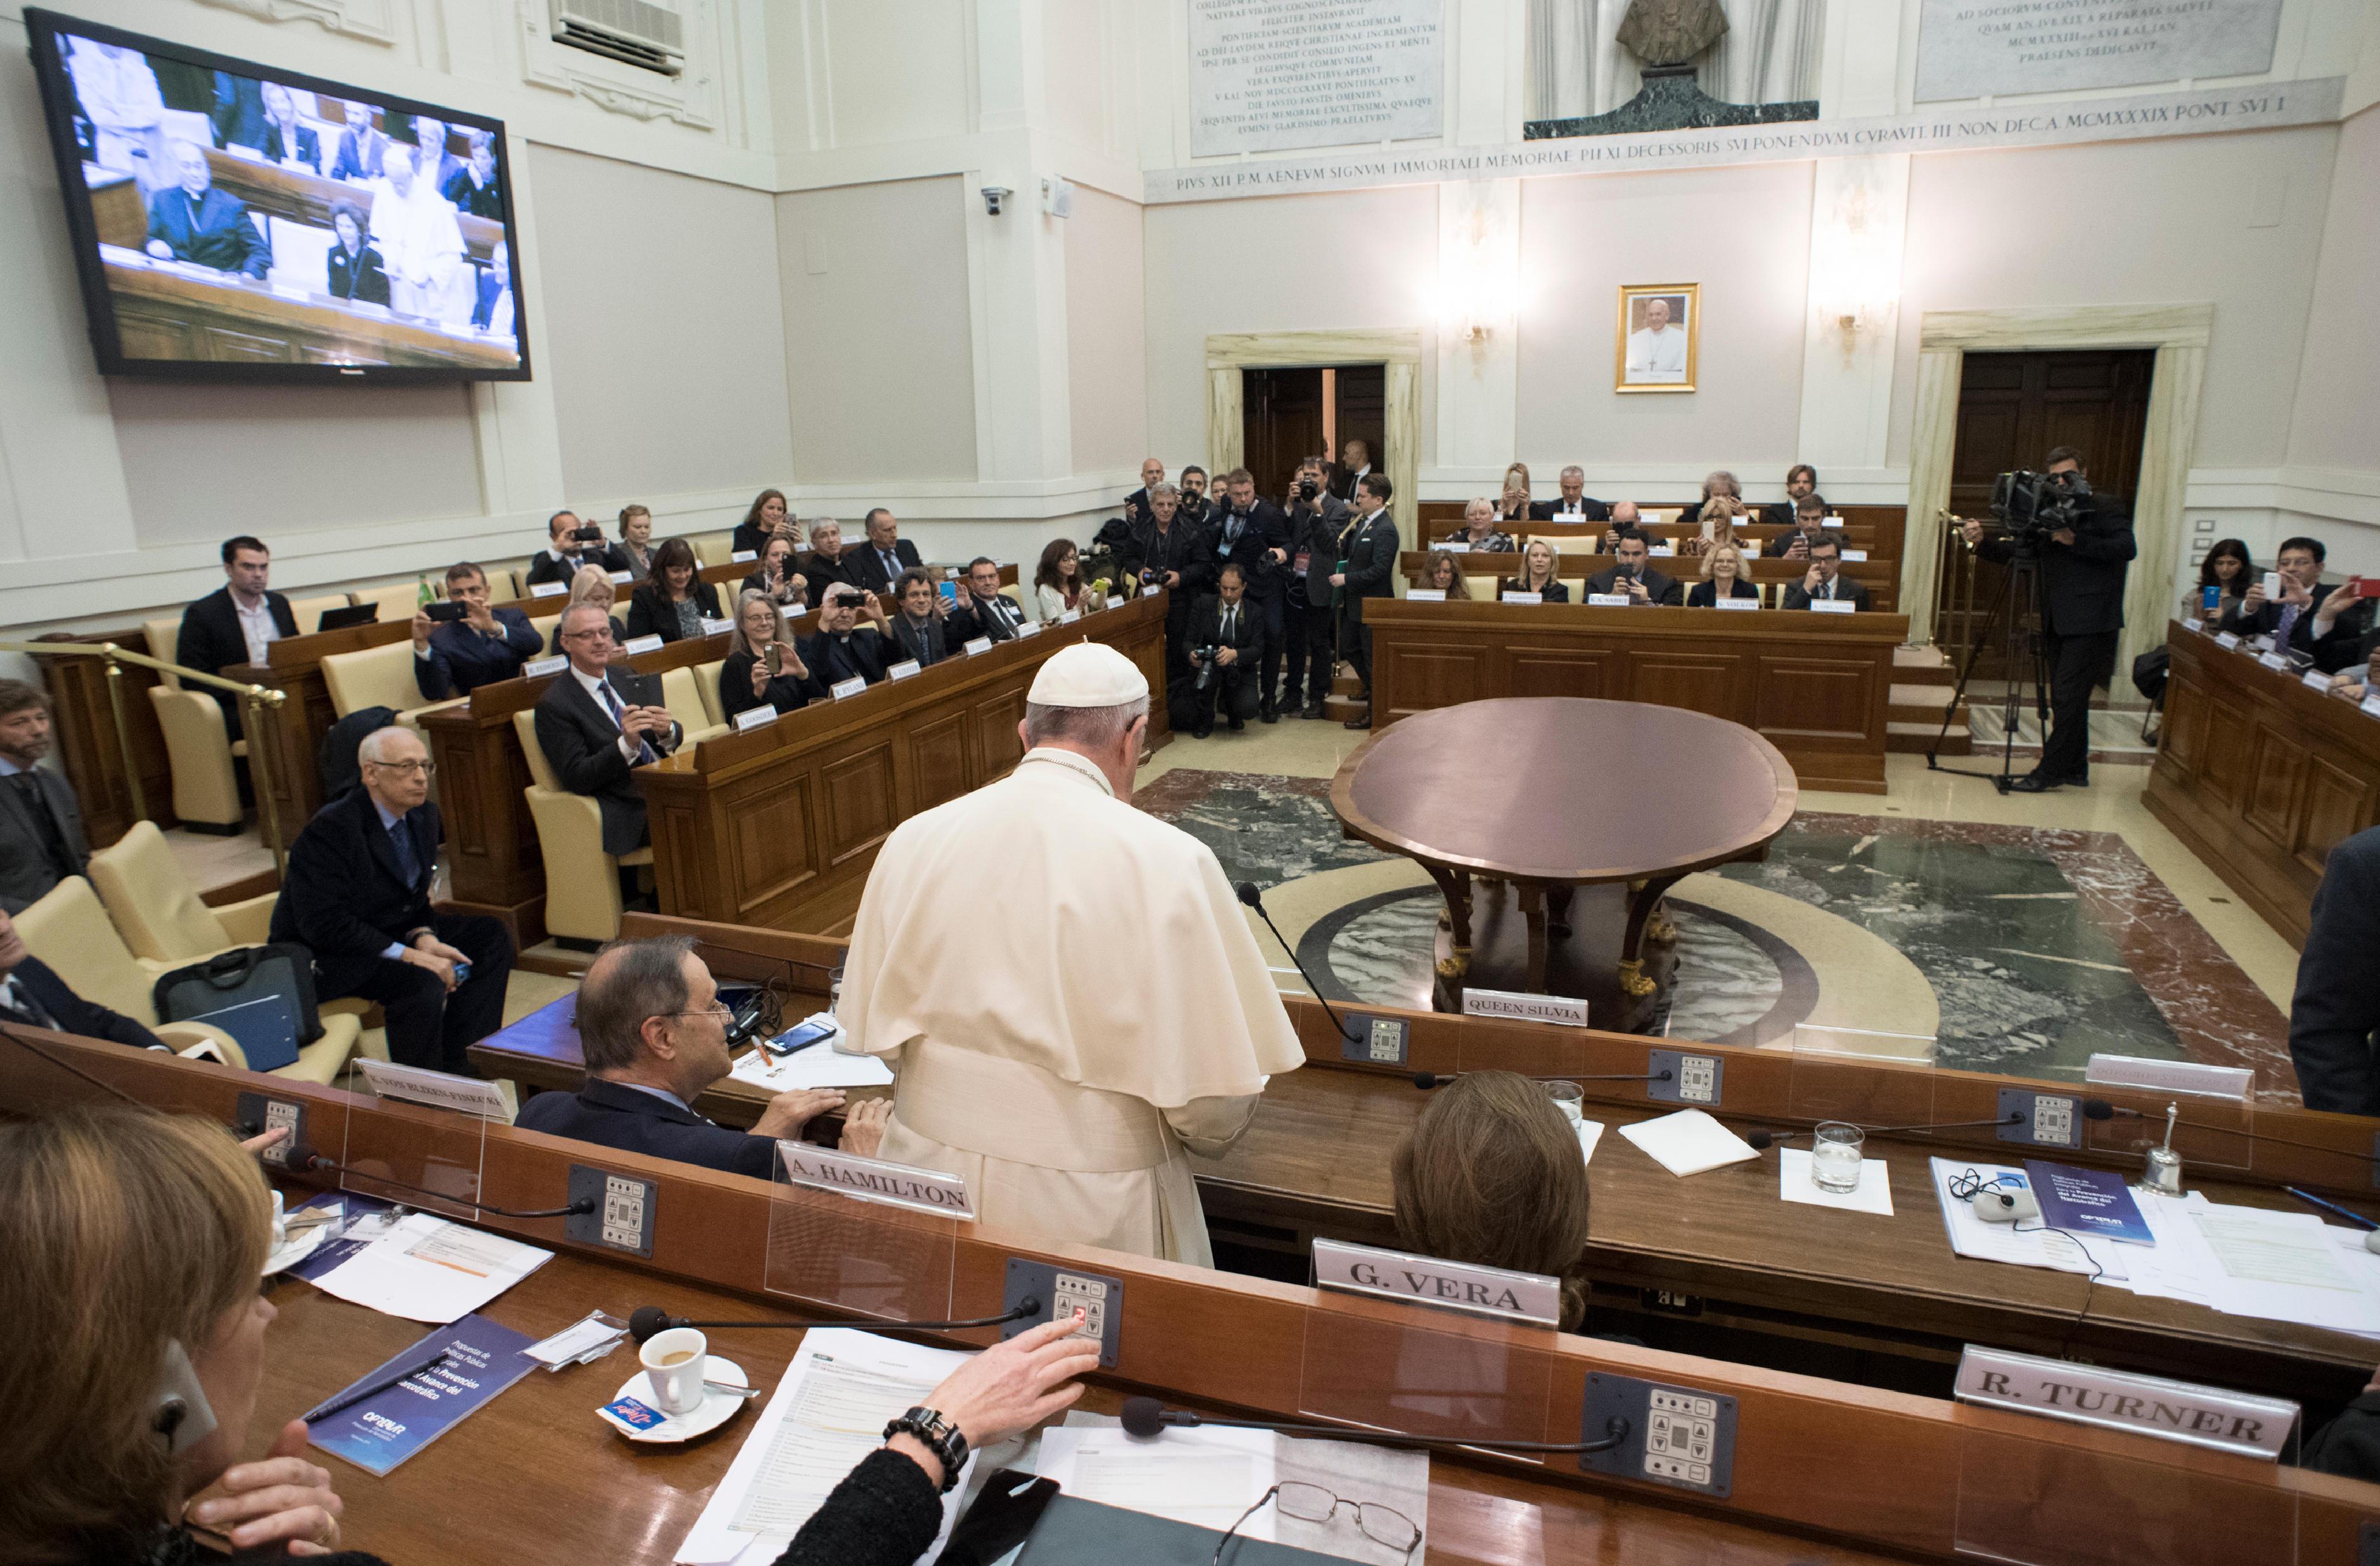 Congrès sur les drogues à l'Académie des sciences (Casina Pio IV) © L'Osservatore Romano